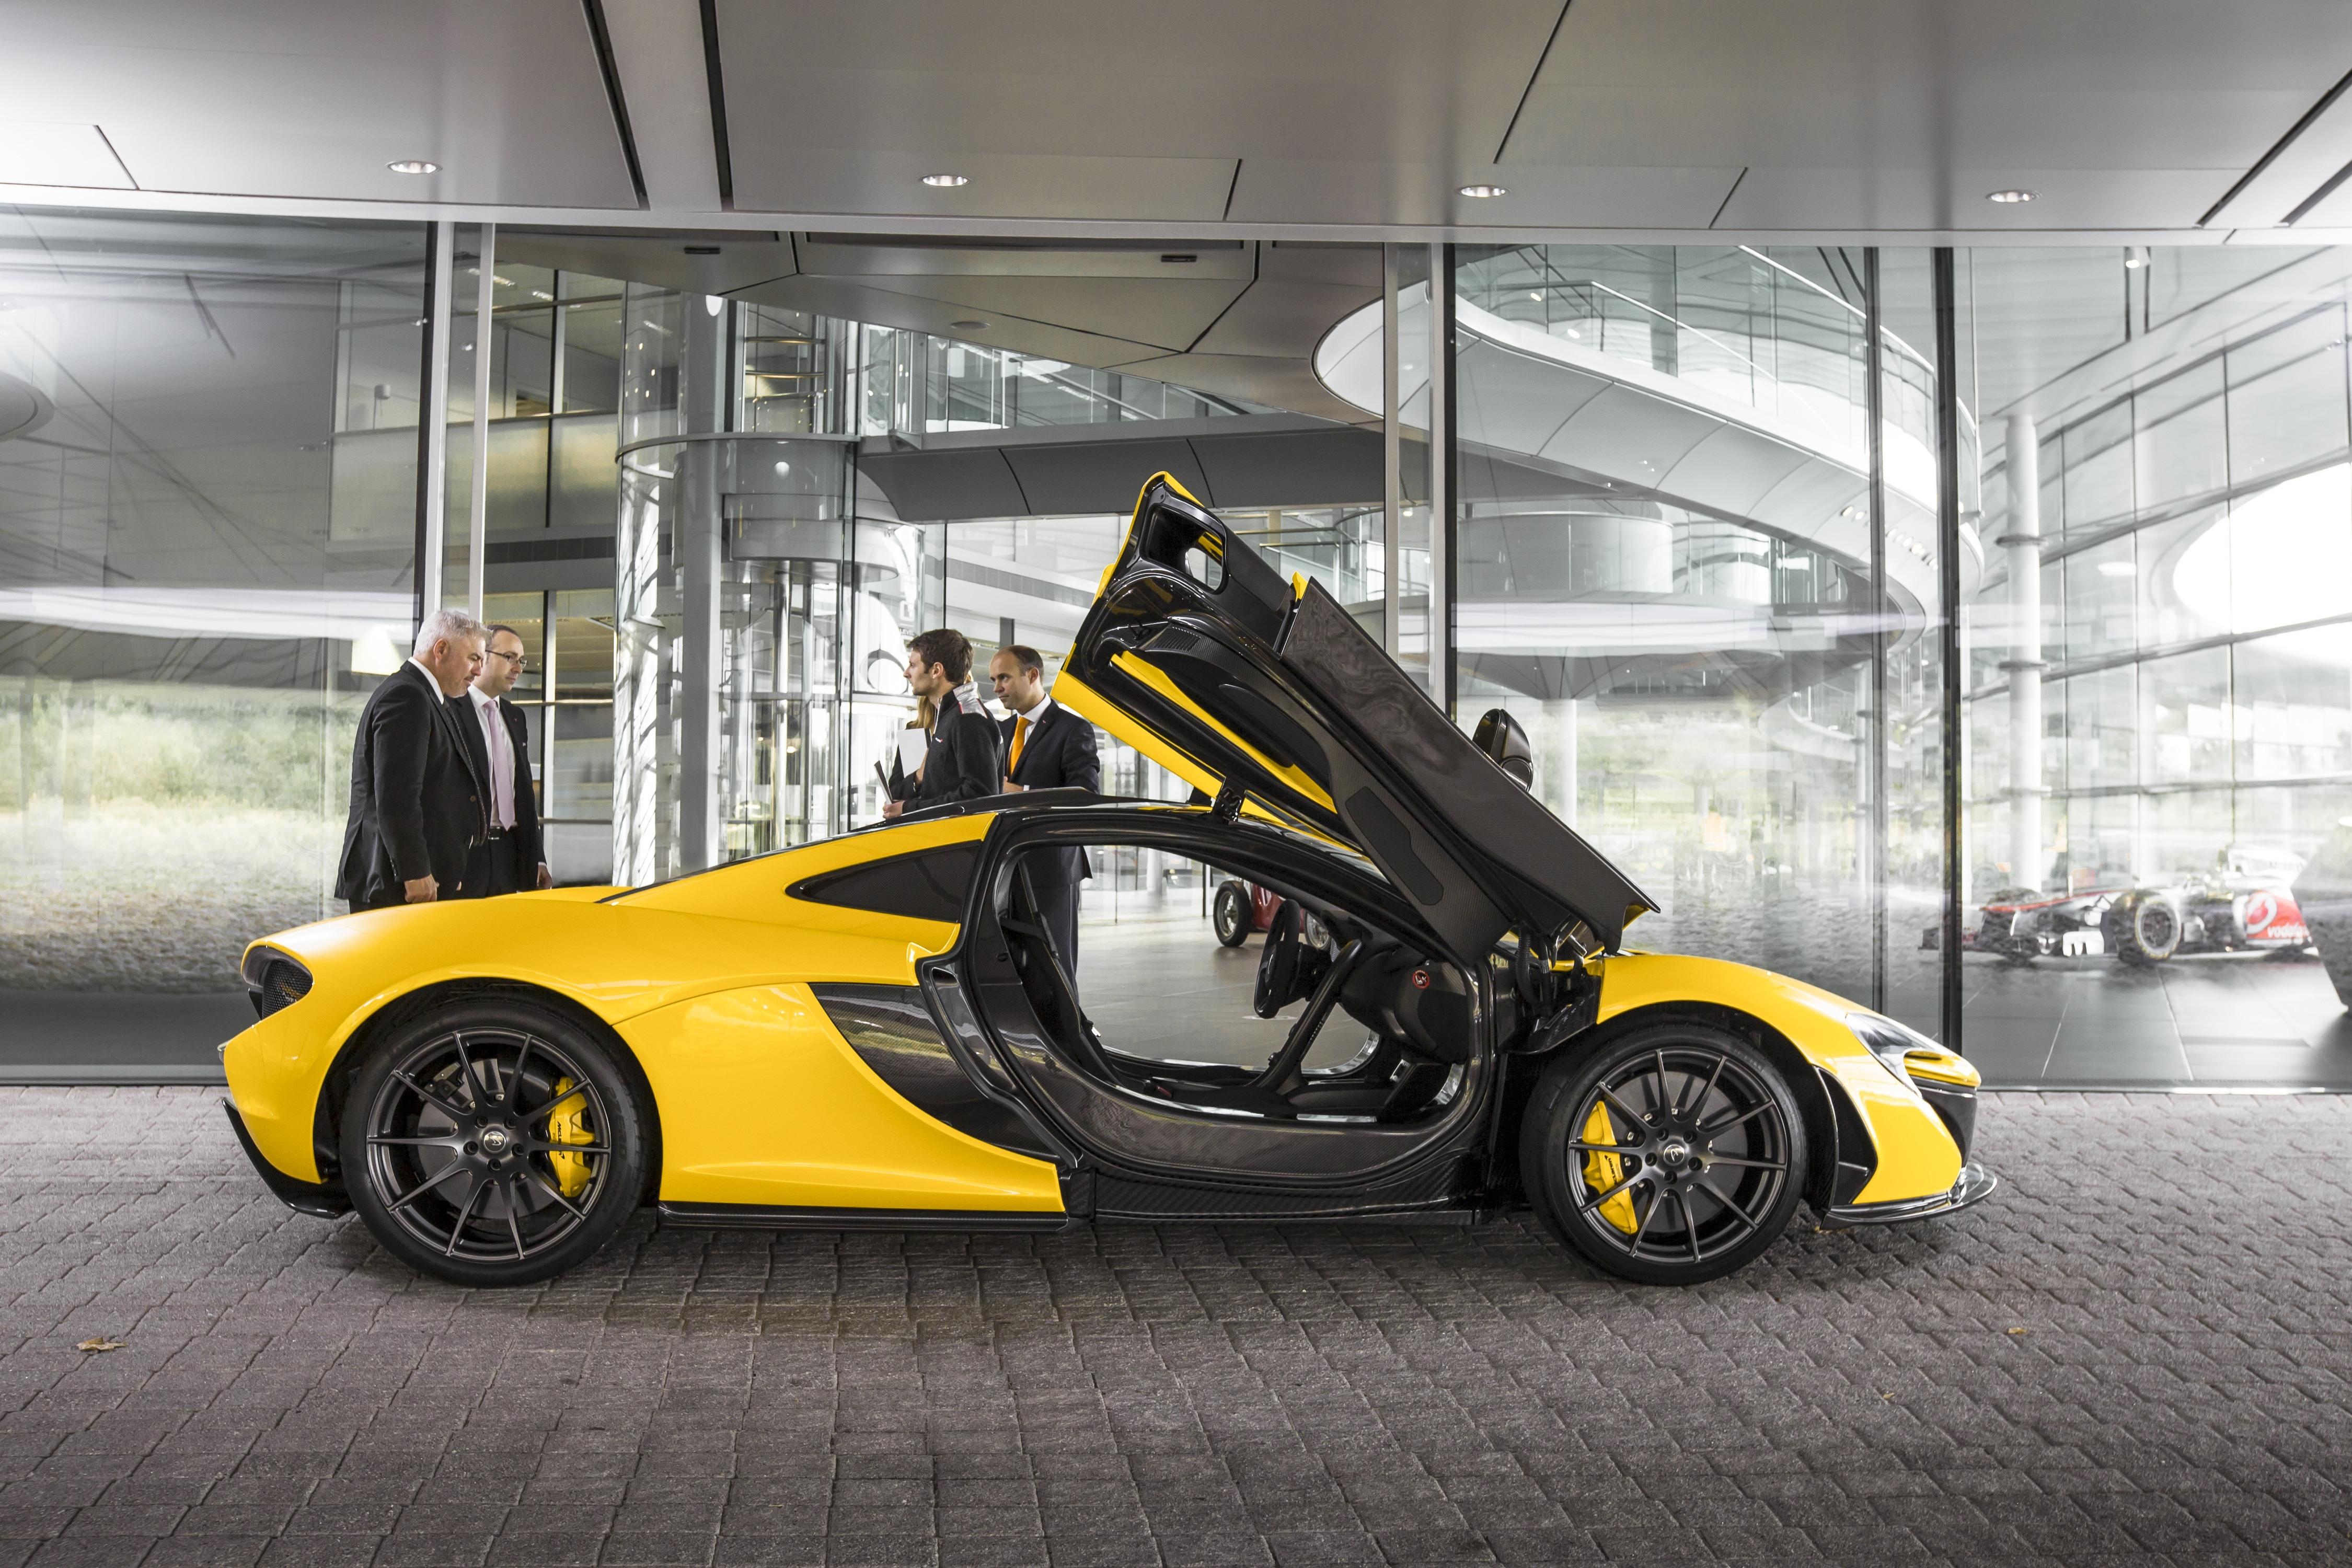 Asombroso como se siente manejar un carro de 1 6 millones for Mclaren carro de paseo